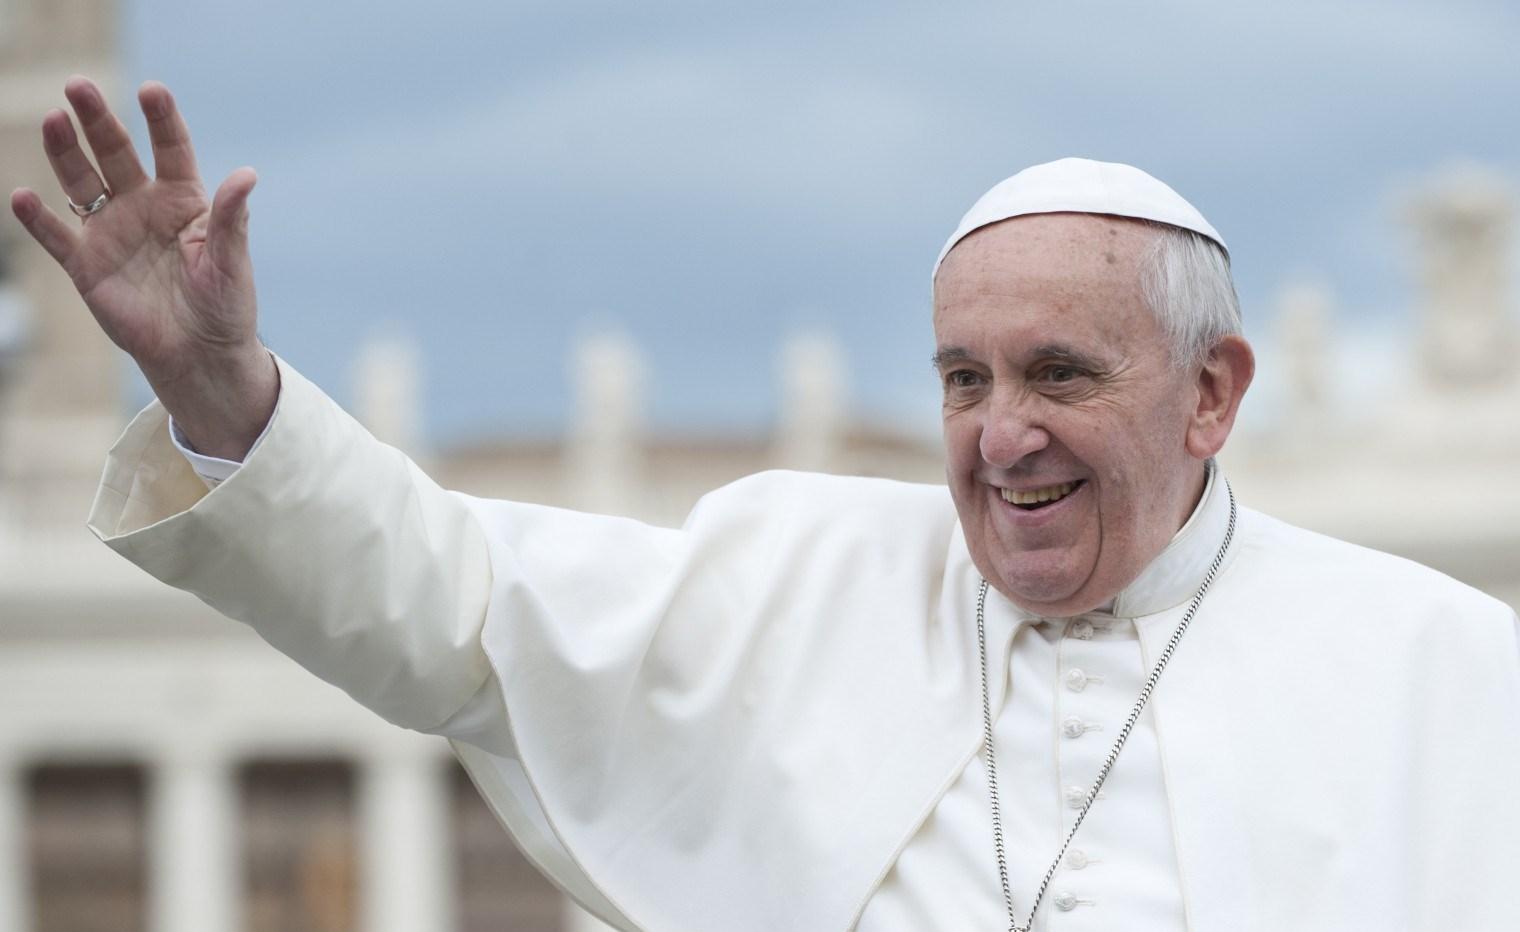 البابا فرنسيس في العراق الشهر المقبل